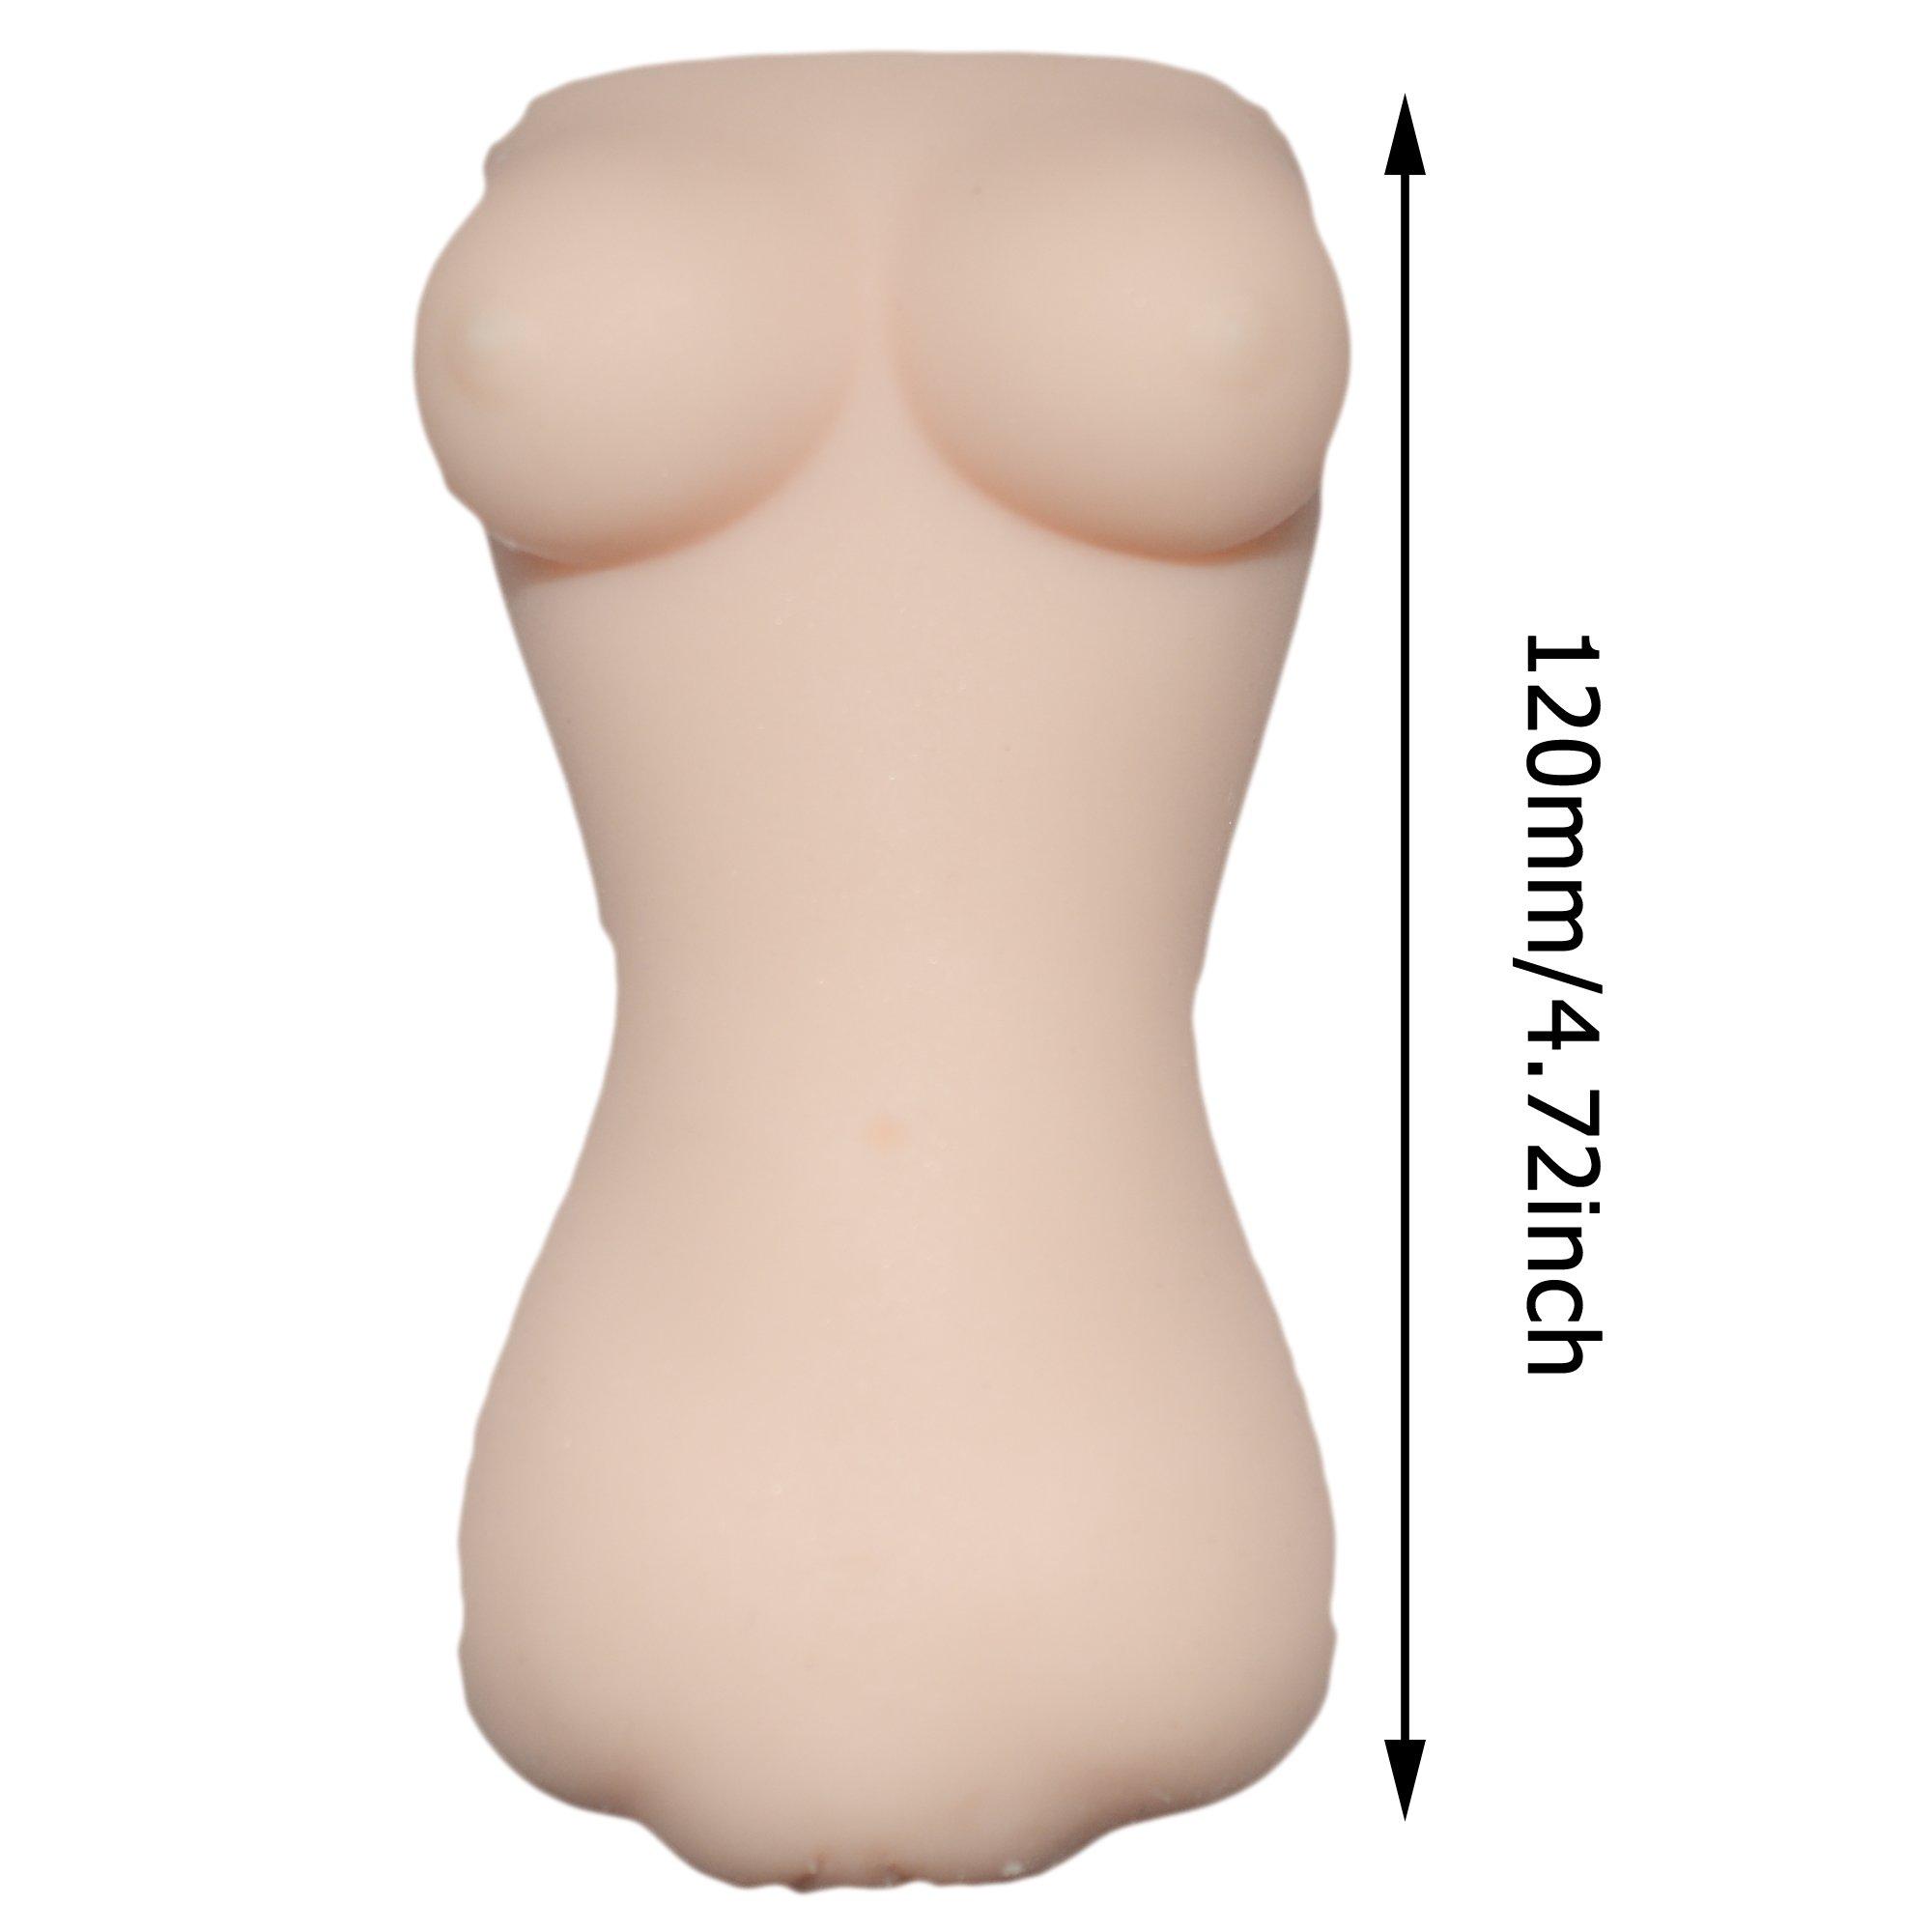 ViiNA AV Masturbatore Maschile 3D Realistico Sesso Giocattolo giocattolo erotico per adulti, molto divertente per uomo (New)